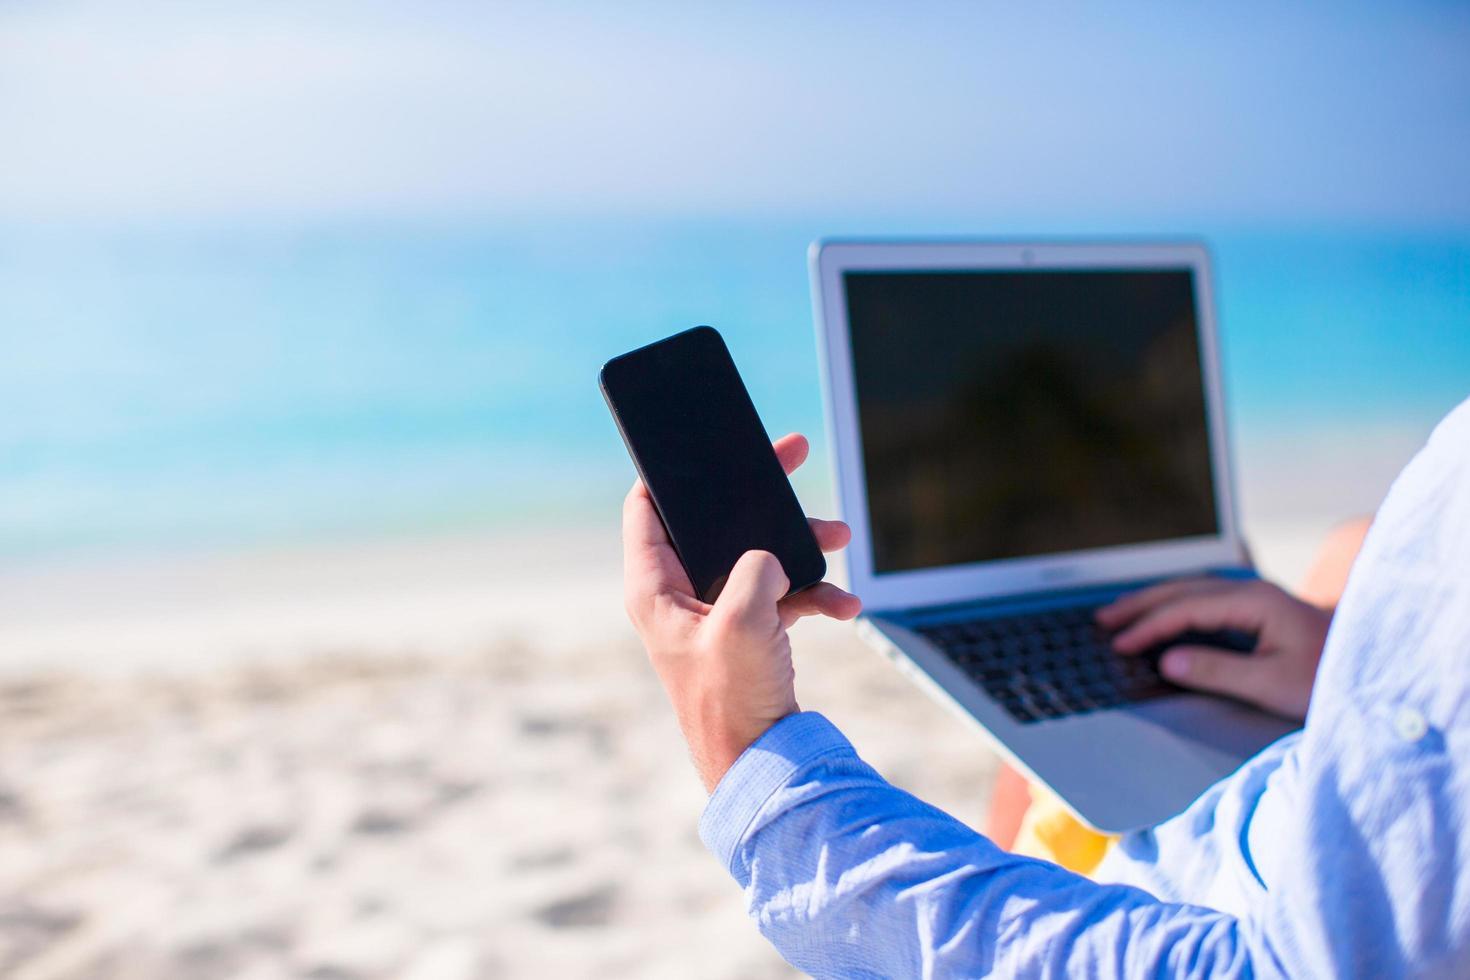 primer plano, de, un, persona, utilizar, un, teléfono, y, computadora portátil, en una playa foto